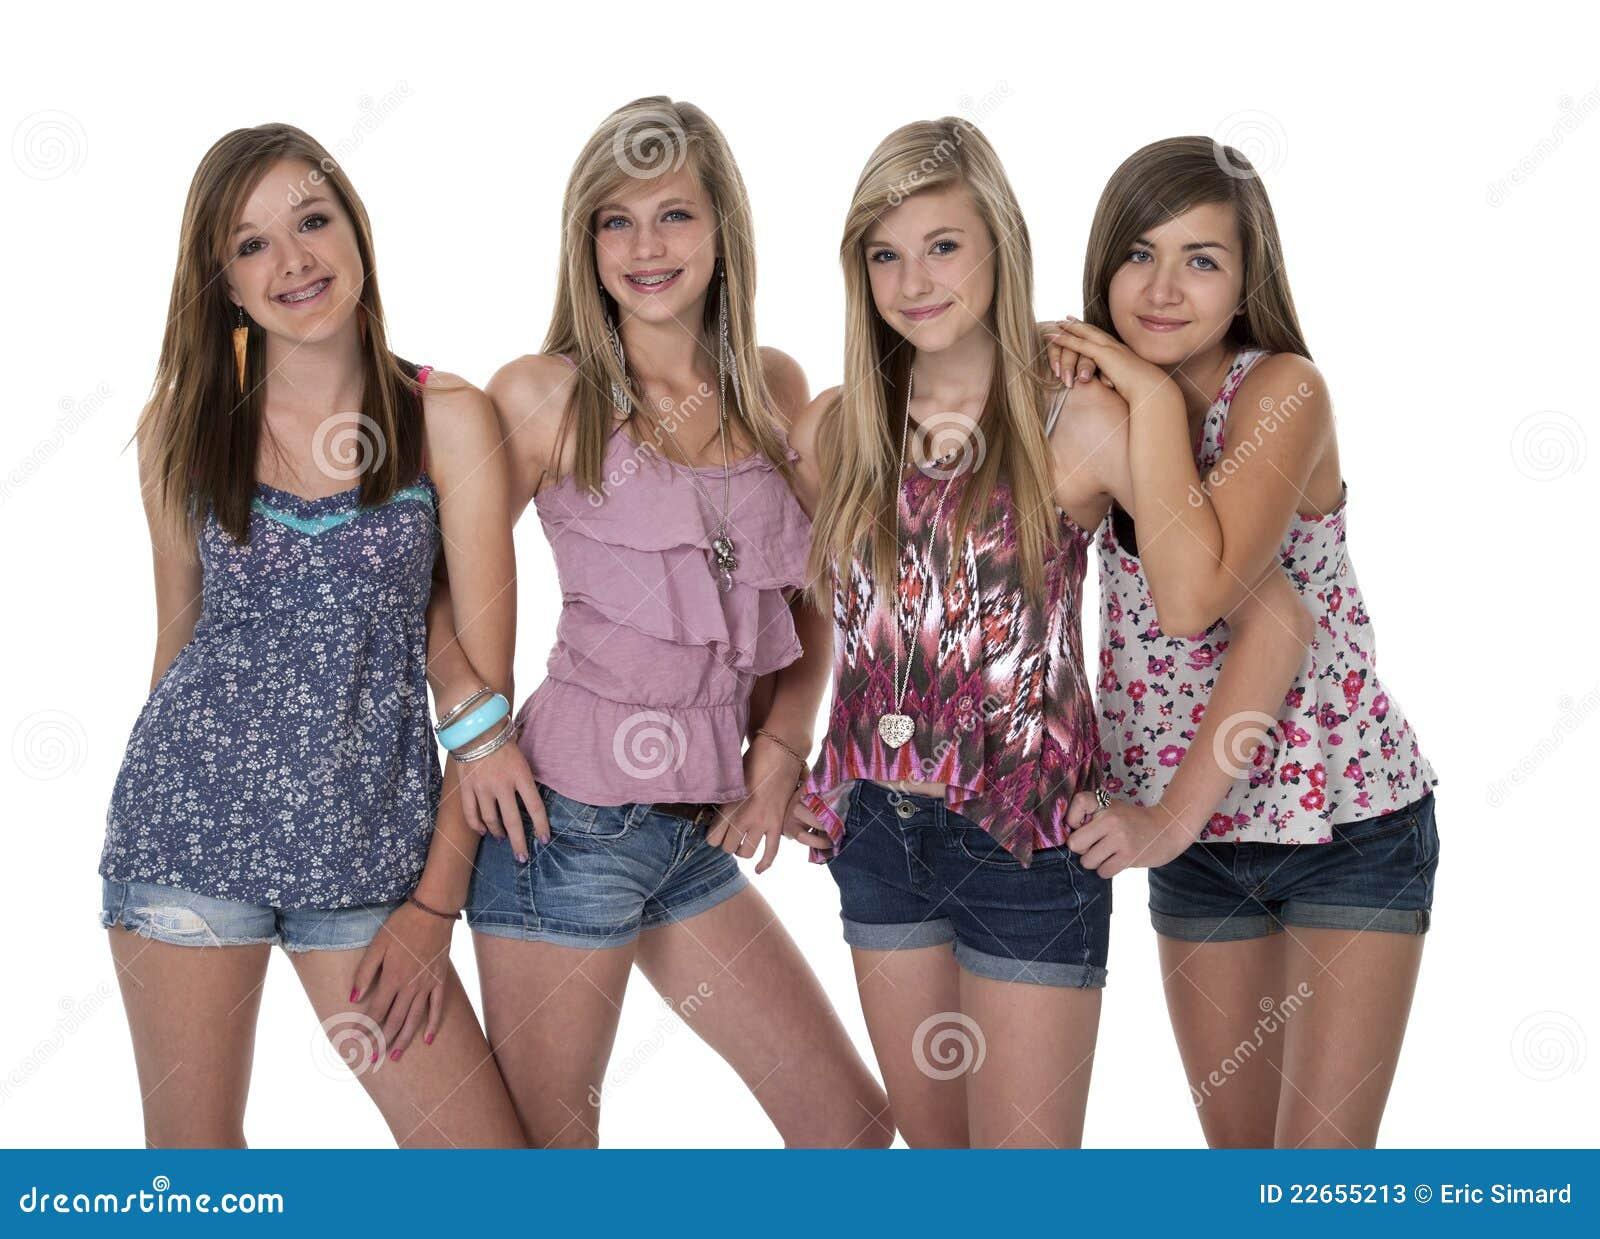 Смотреть бесплатно фото девочек подростков 17 фотография